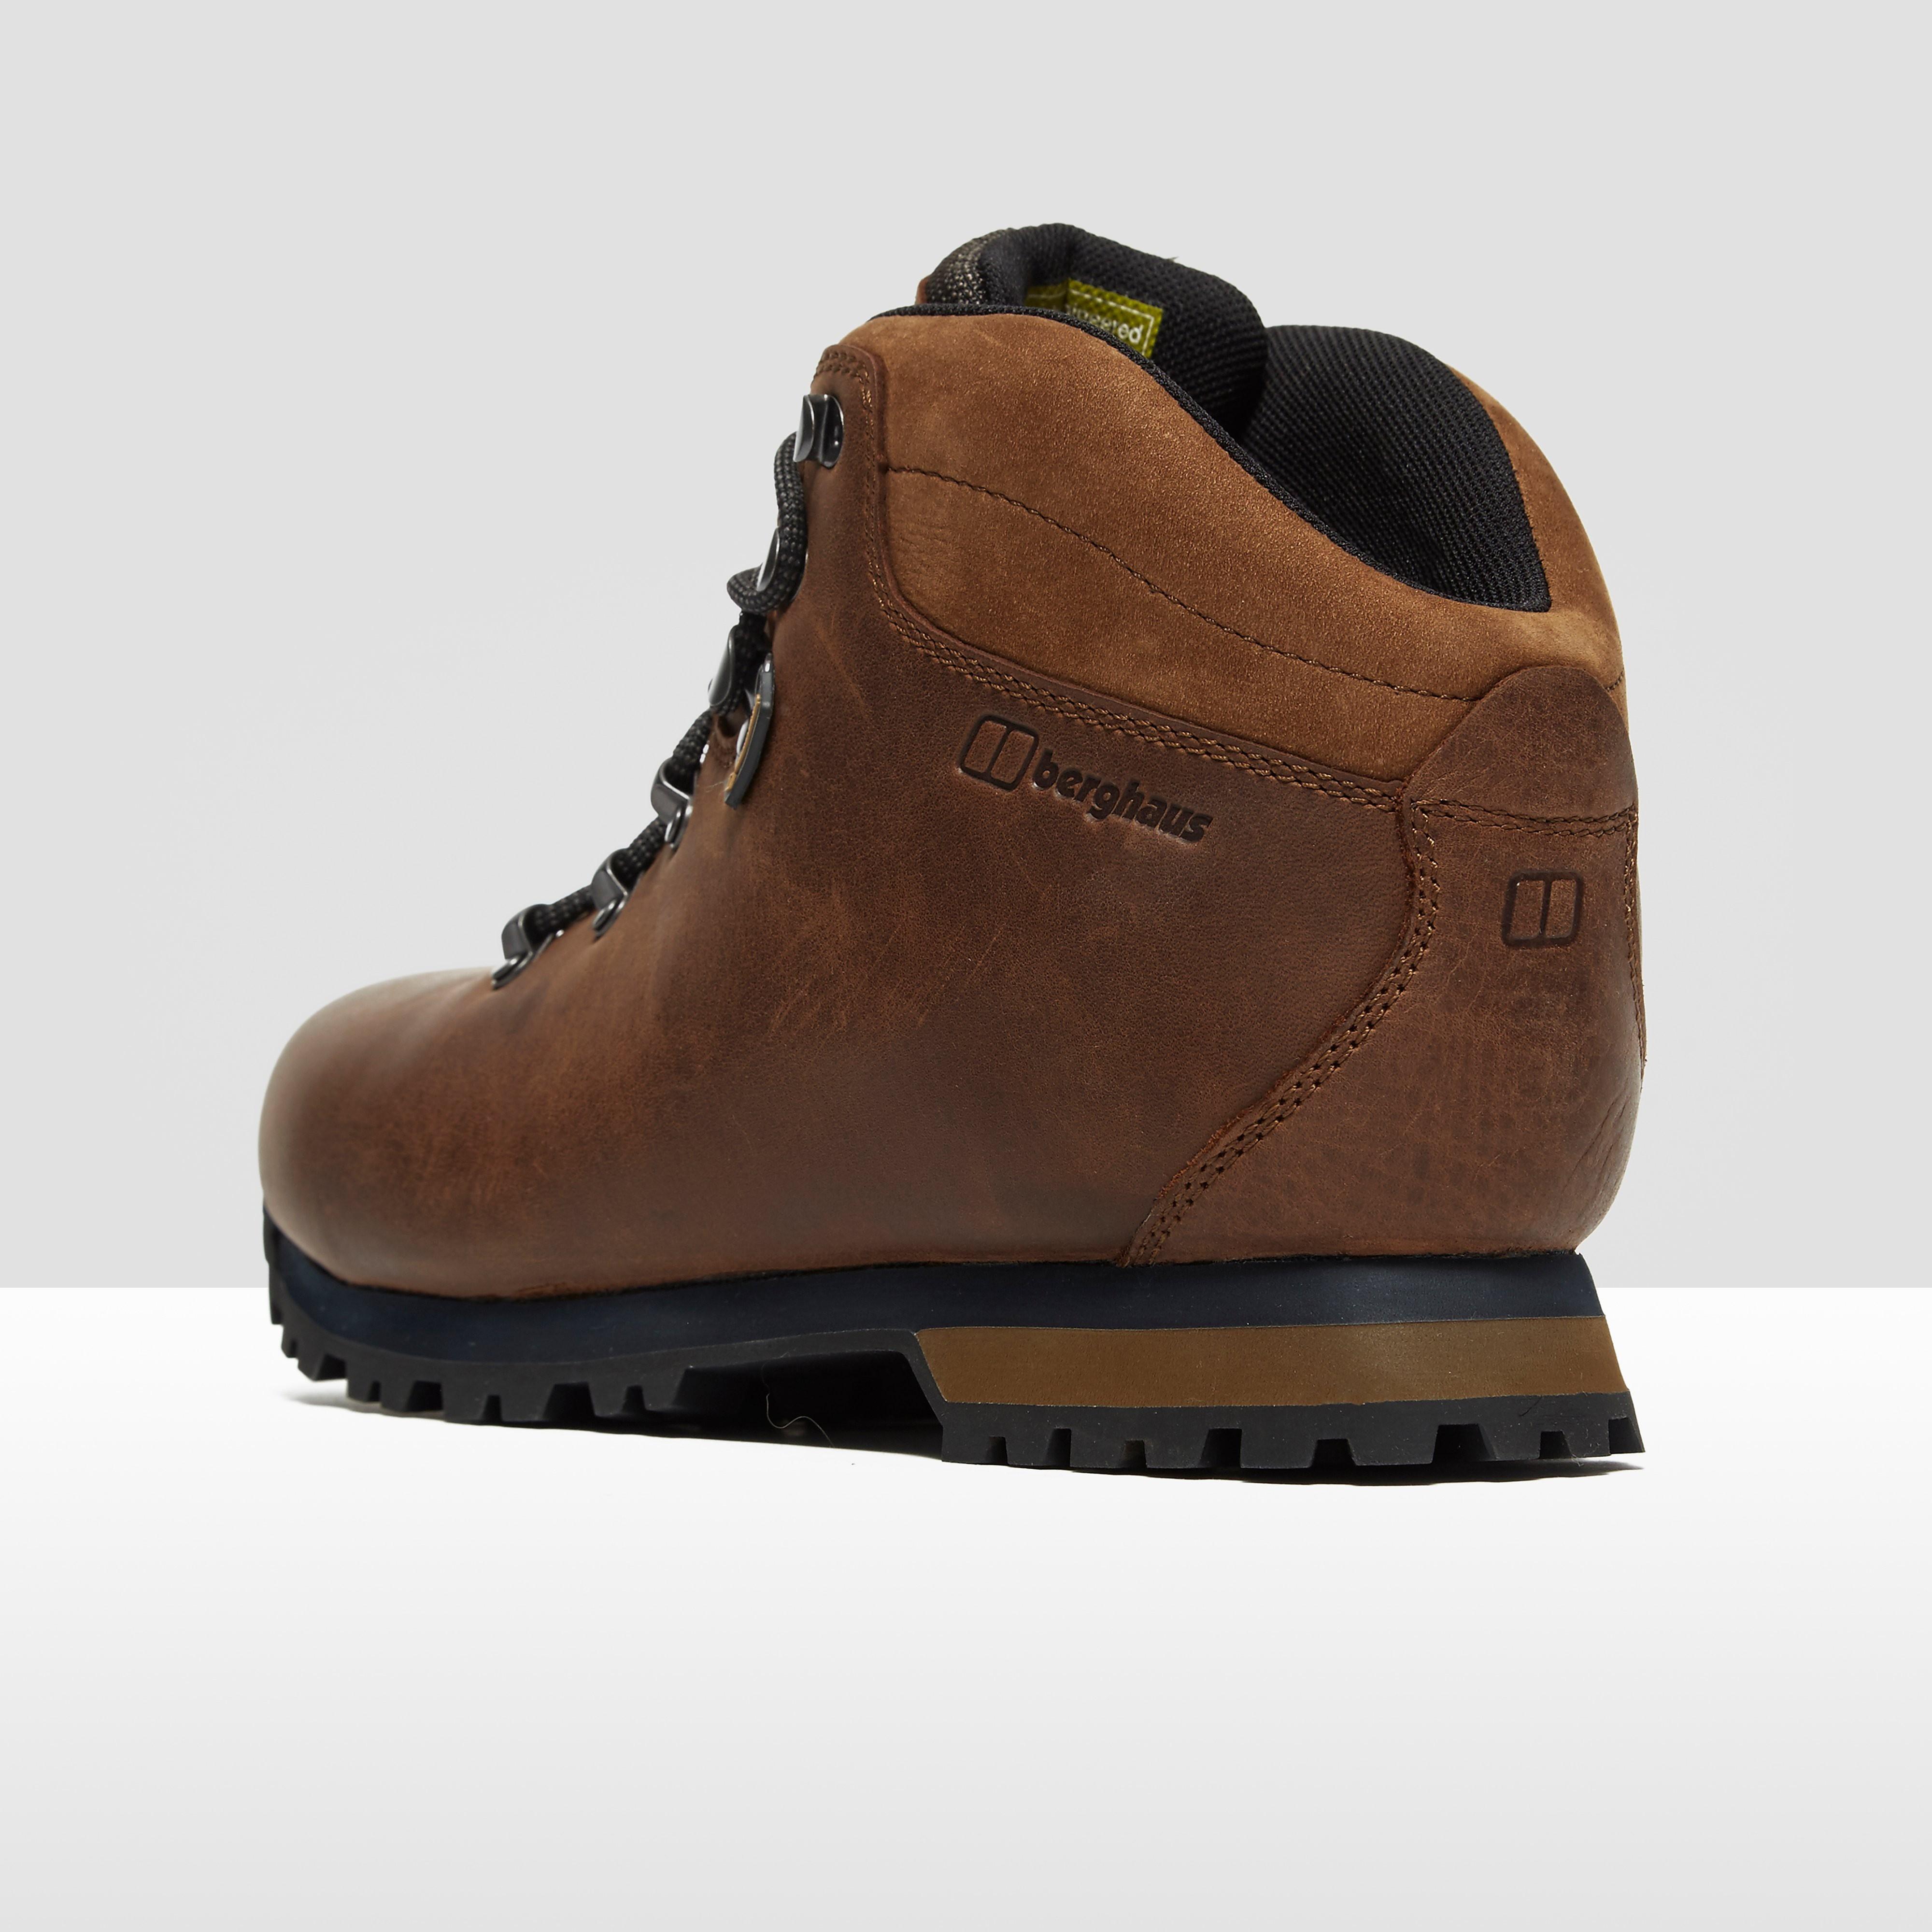 BERGHAUS Hillwalker GTX Boot